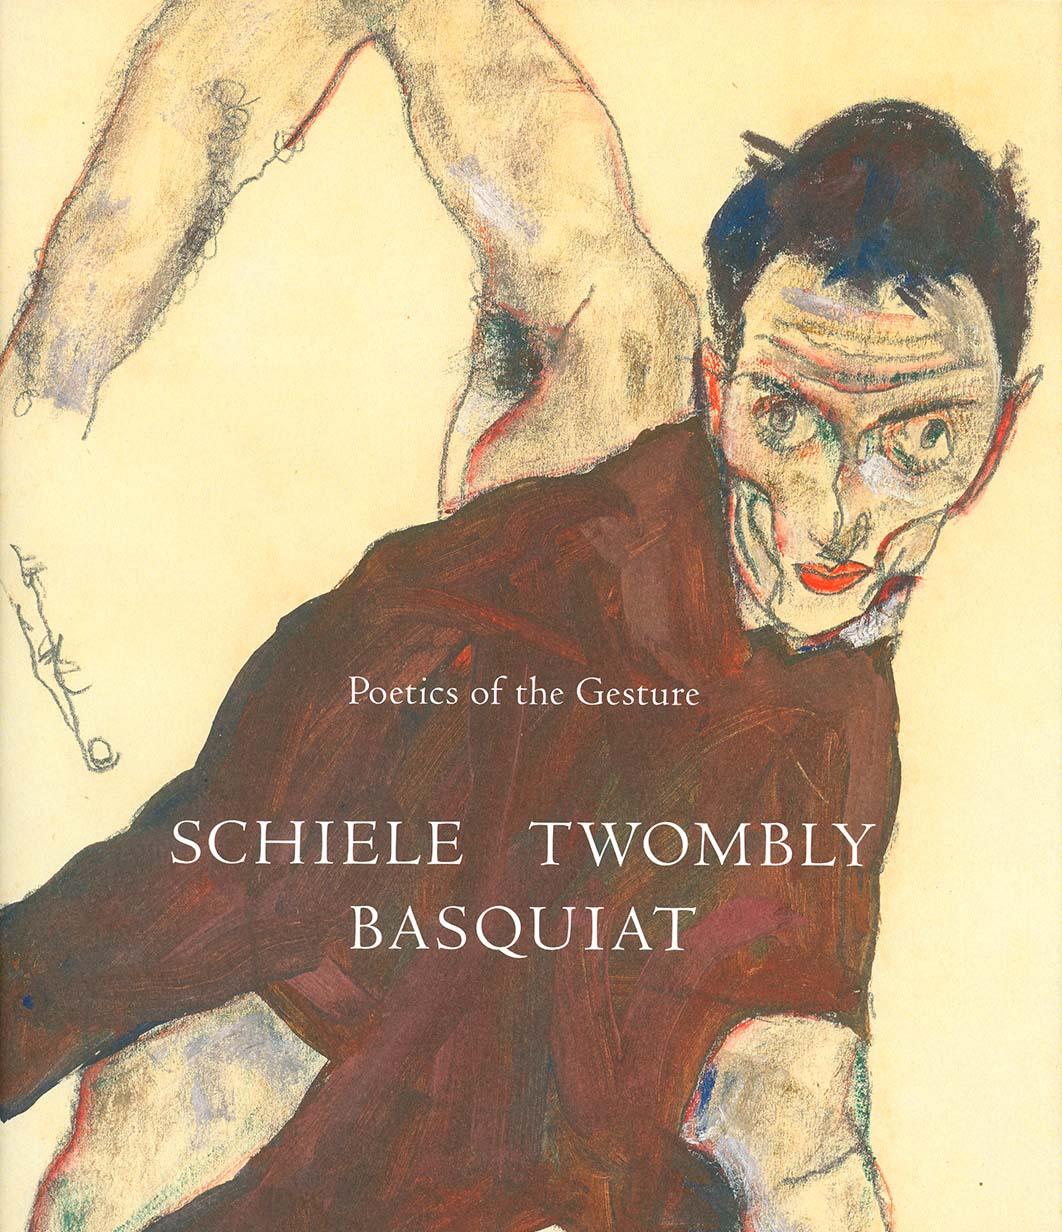 Schiele-Twombly-Basquiat_JNA_2014.jpg